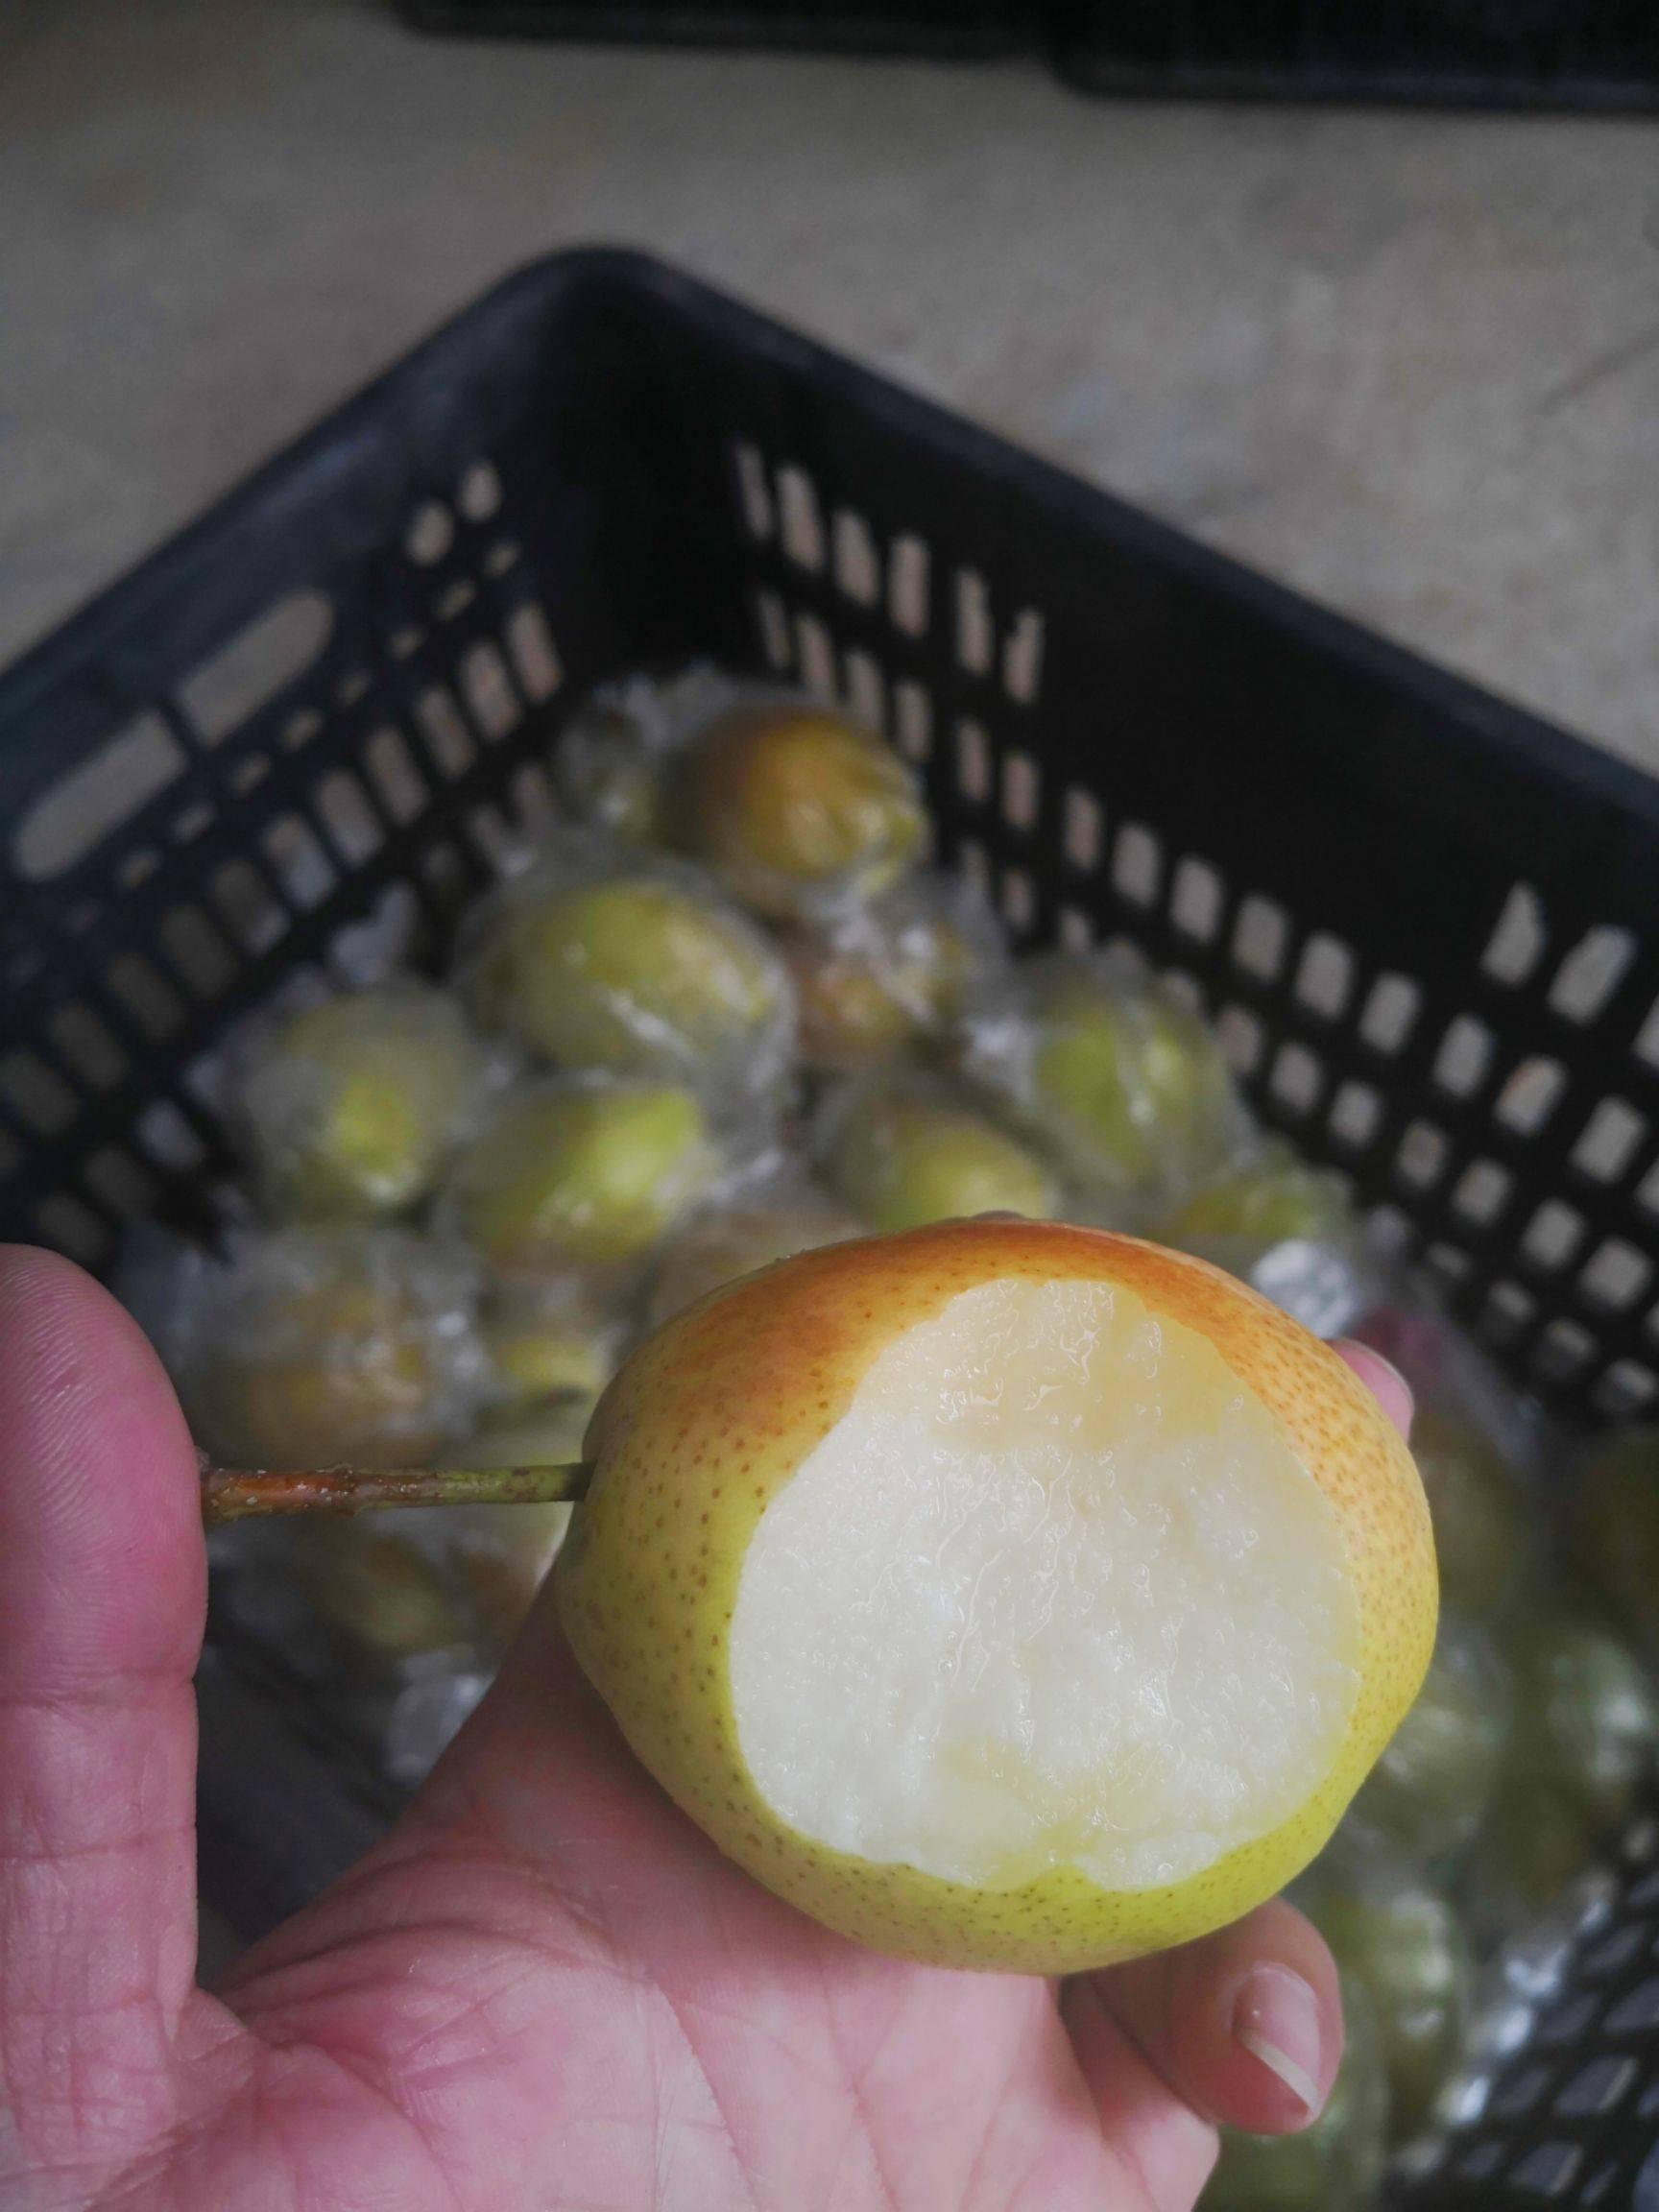 小香梨红香酥梨非库尔勒香梨